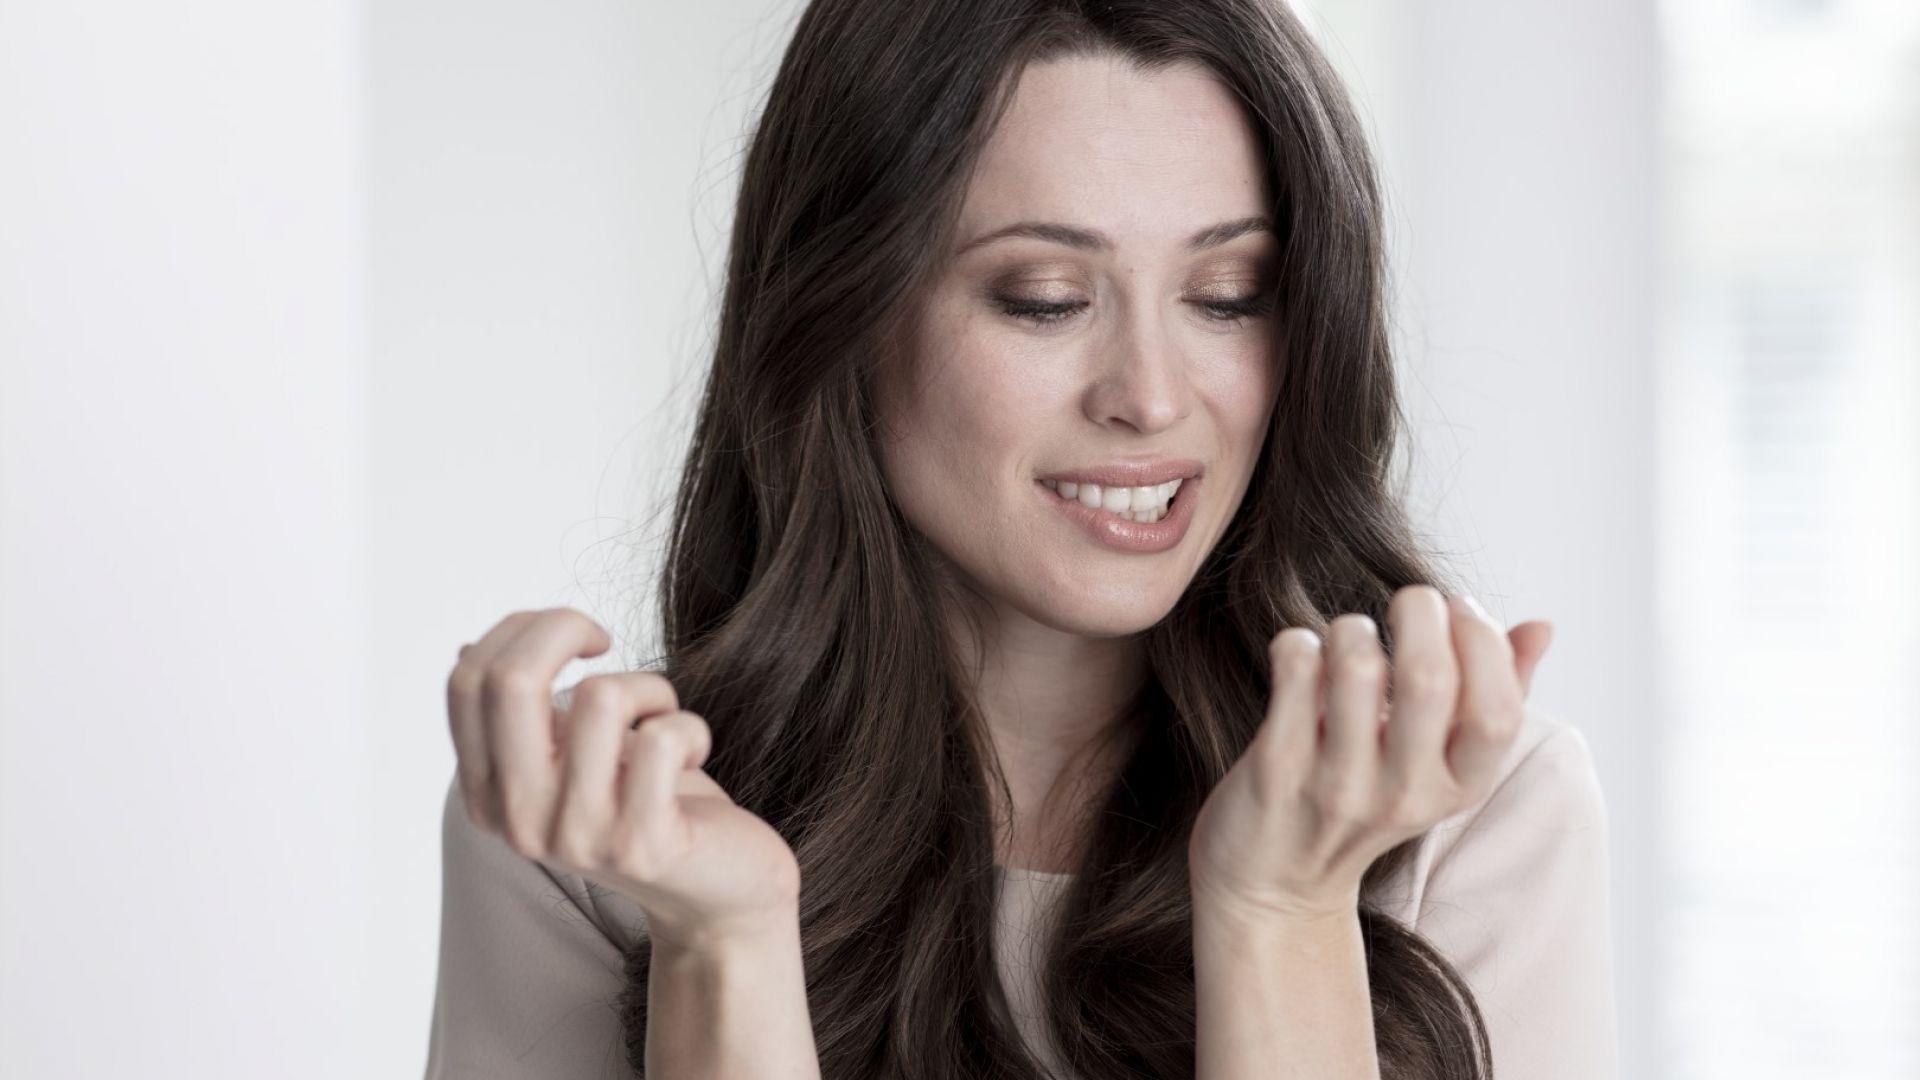 Как мога да се грижа за напукана кожа на ръцете и ходилата ми